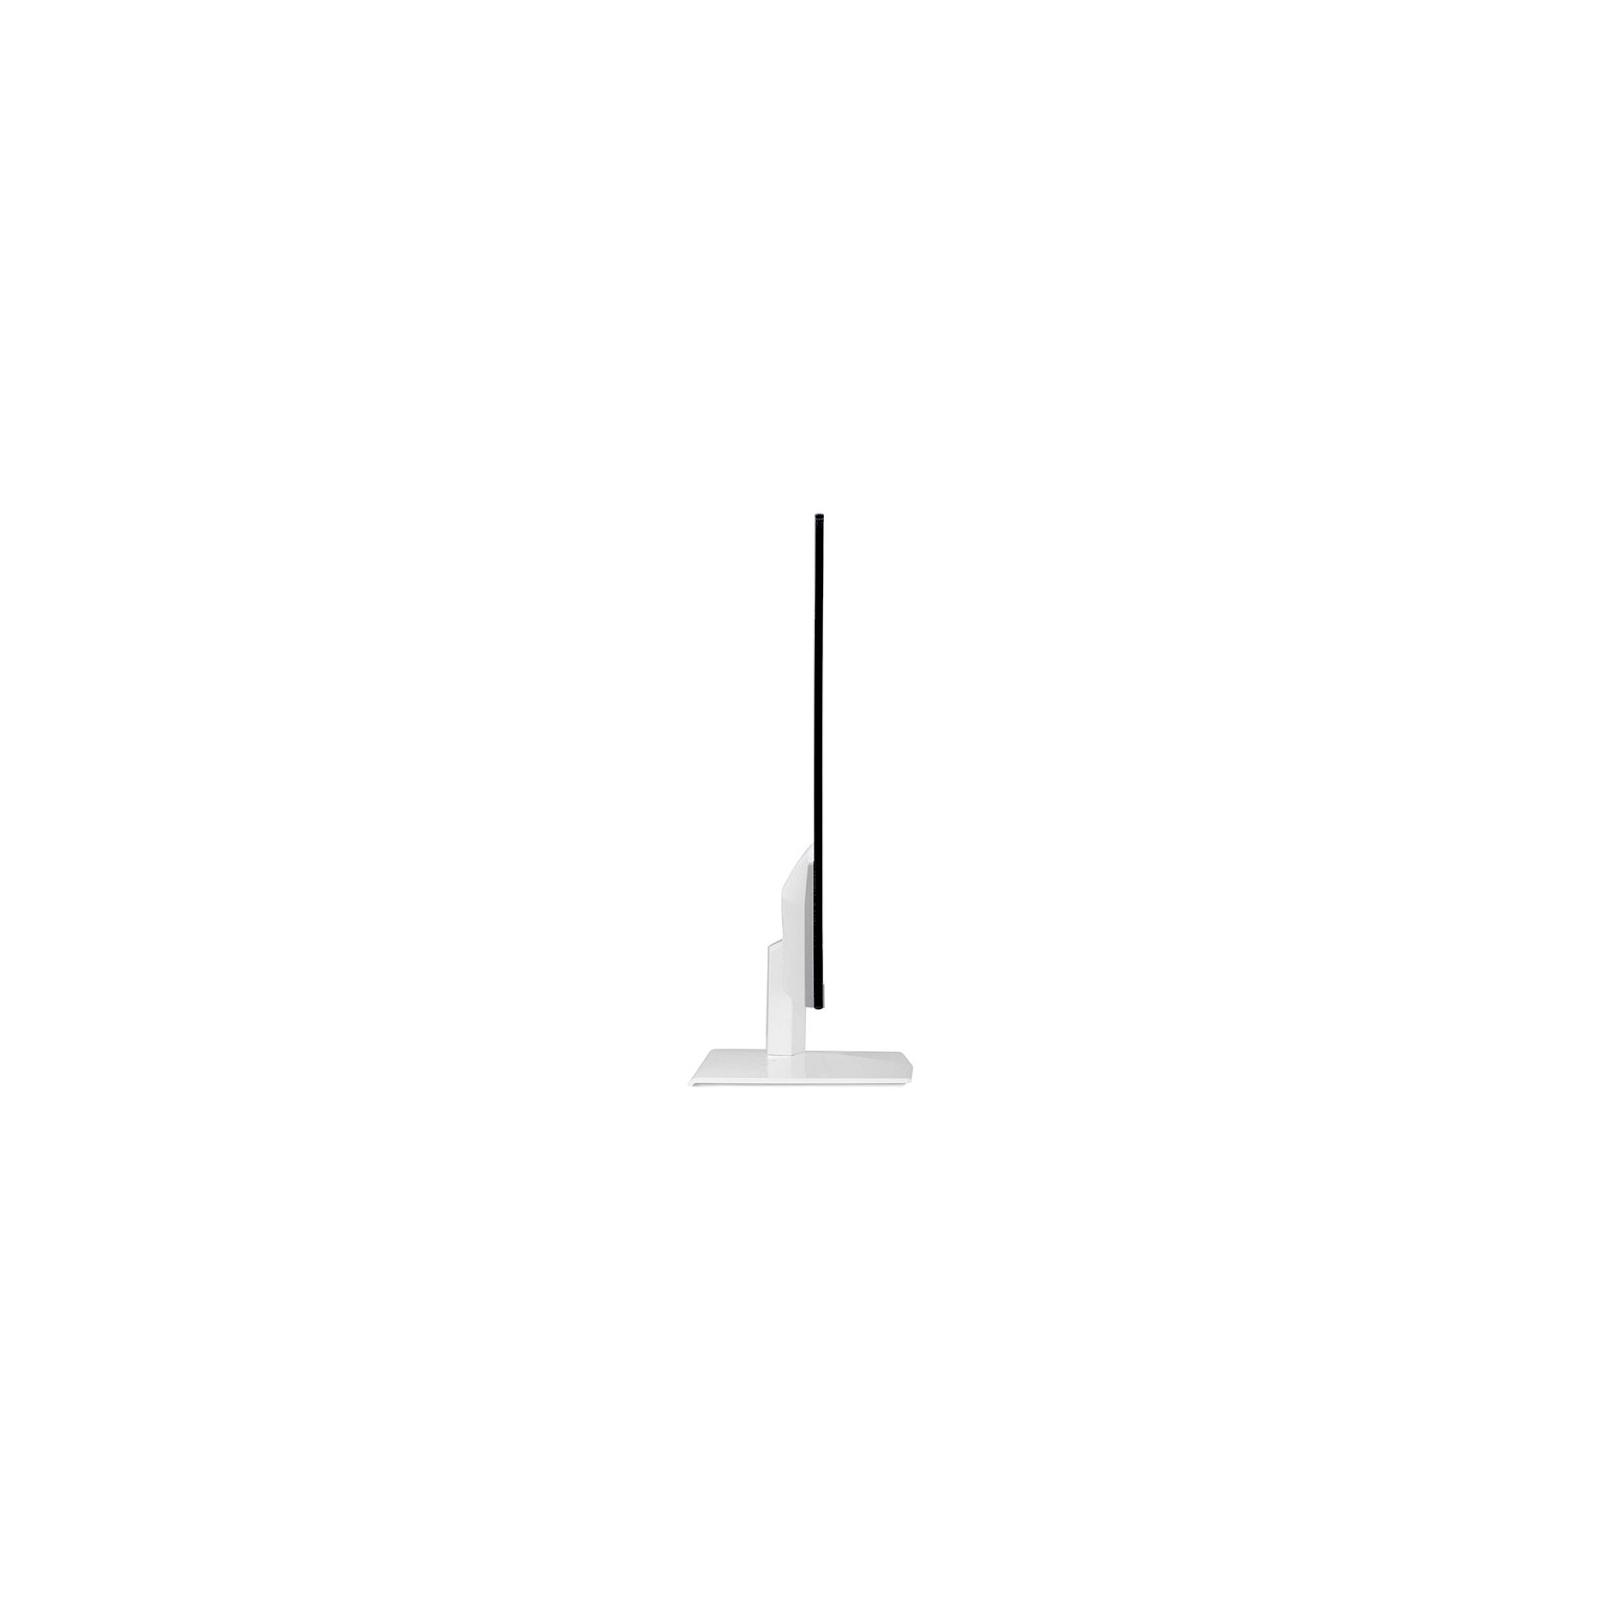 Монитор Acer HA240YAWI (UM.QW0EE.A01) изображение 6